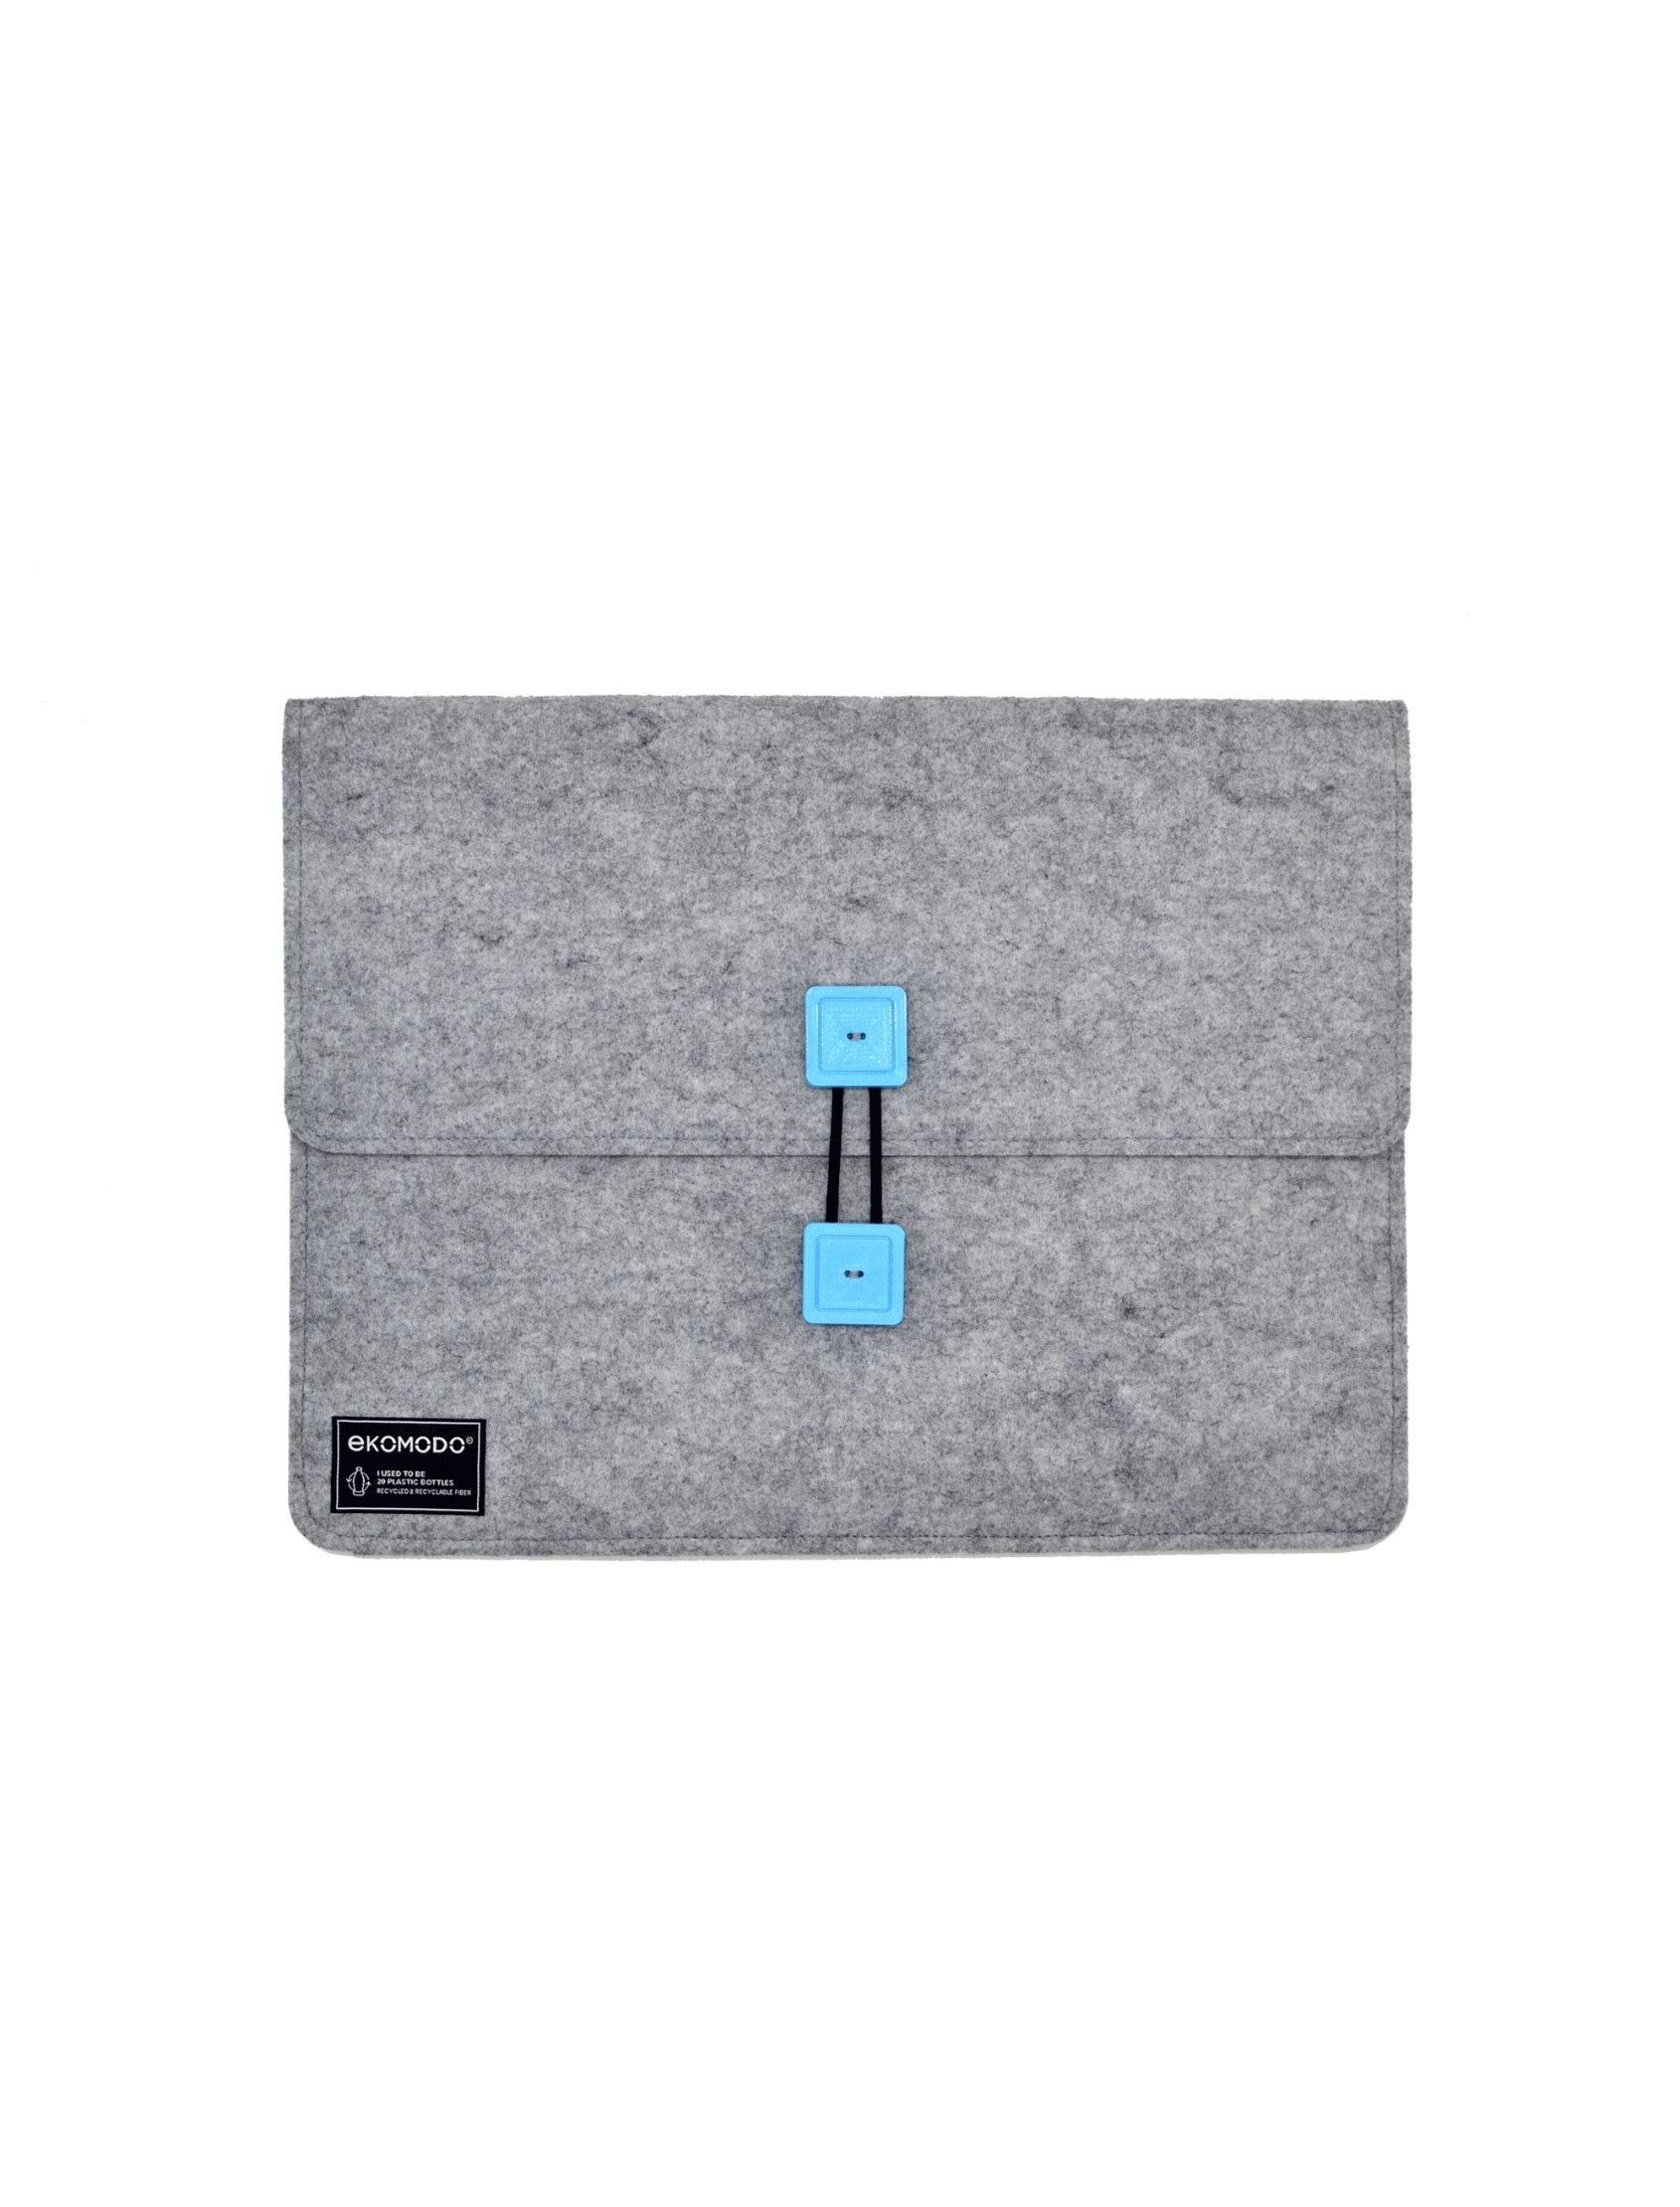 funda bat regular en gris con botones azules de tejido reciclado para documentos, portátil, libros...